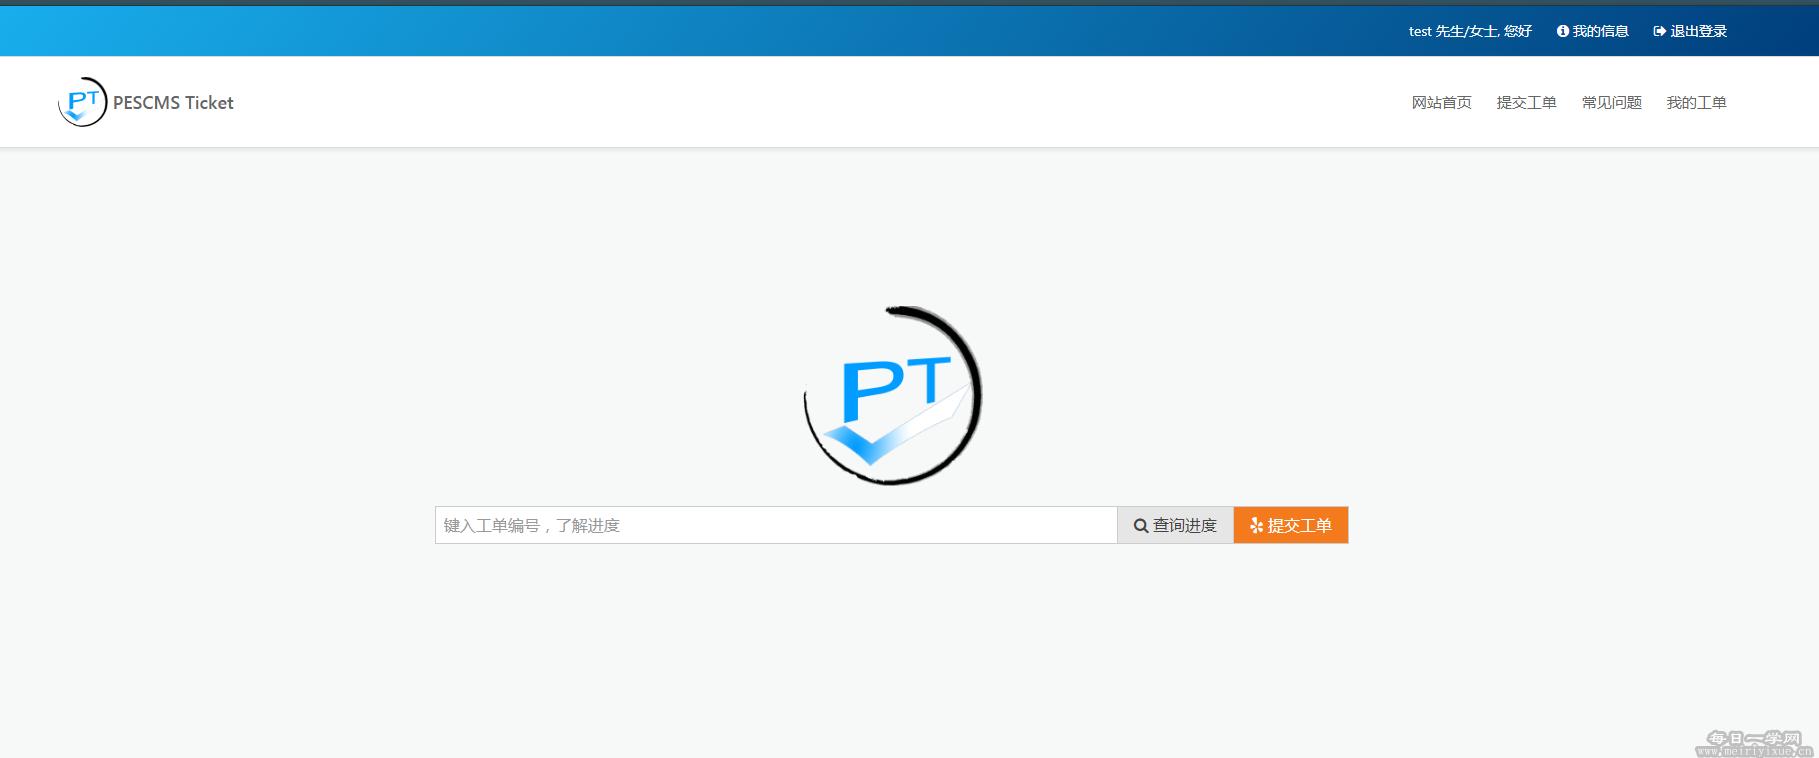 PESCMS TICKET客服工单系统源码,支持企业微信消息对接